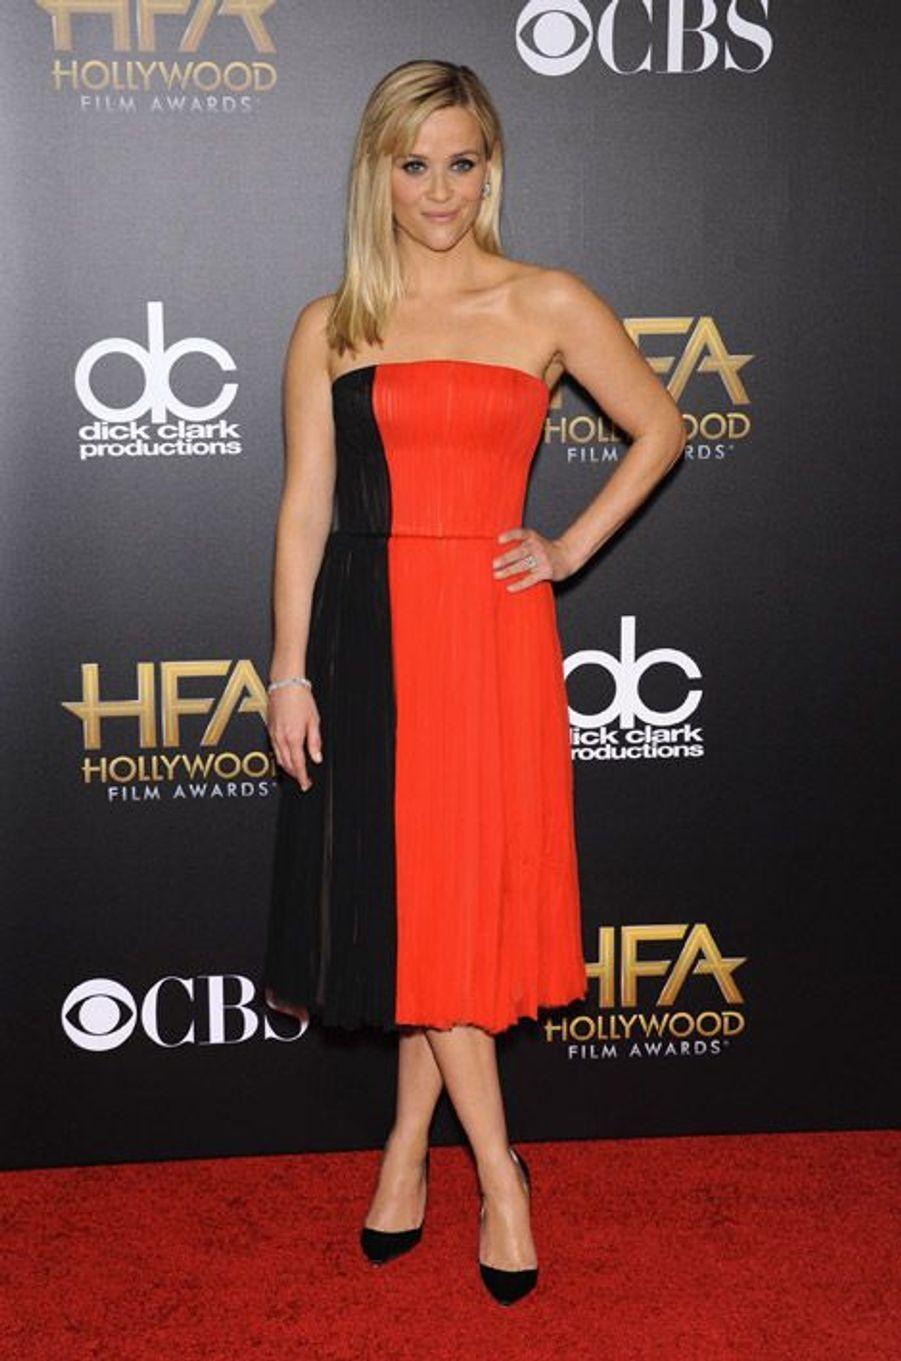 L'actrice Reese Witherspoon en J. Mendel lors de la cérémonie Hollywood film Awards, à Los Angeles le 15 novembre 2014